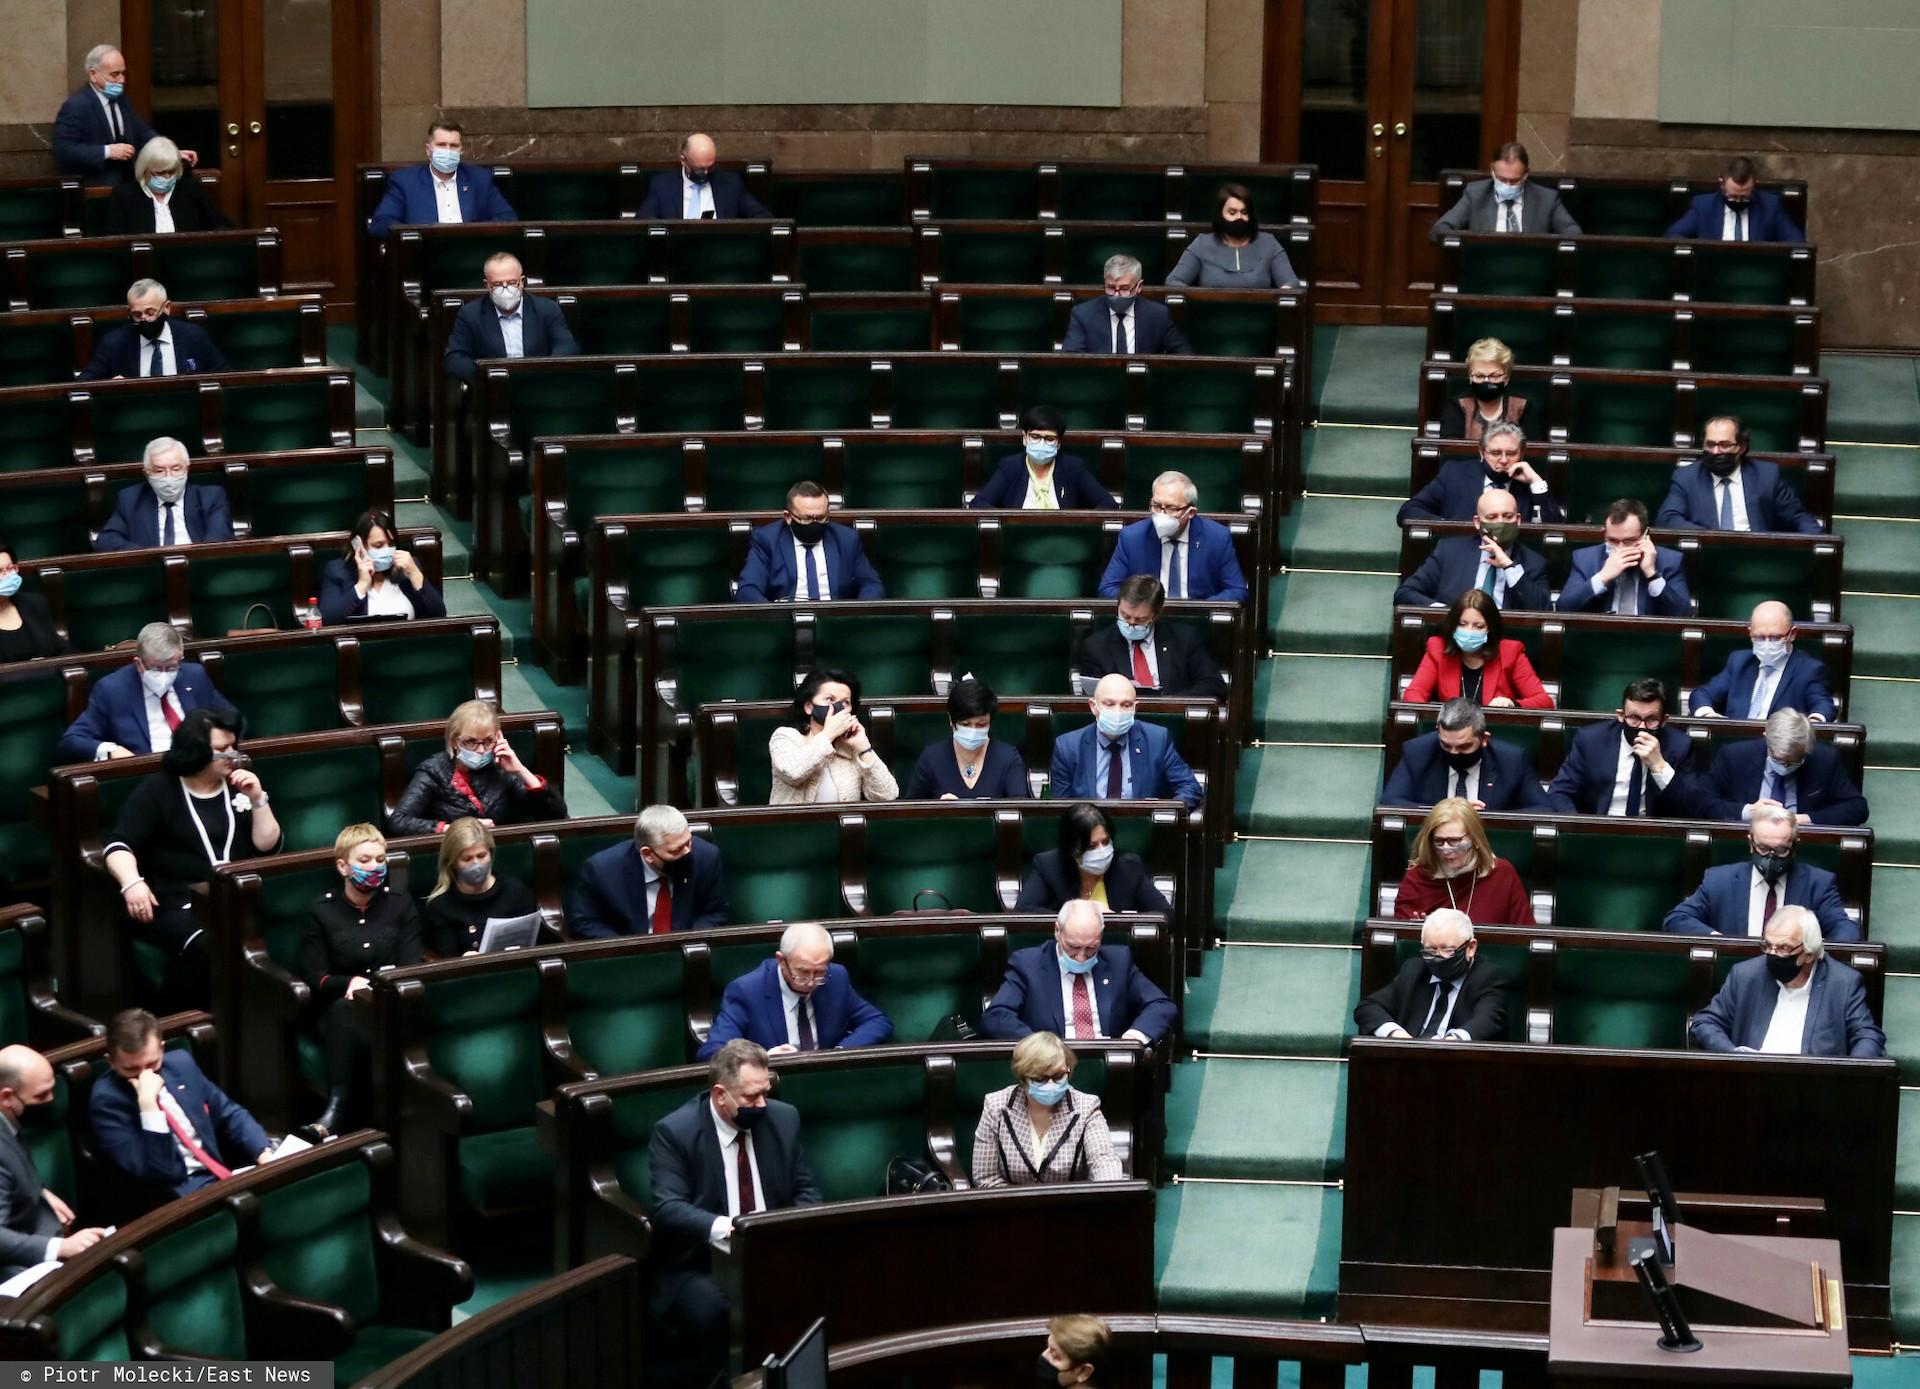 Nieoficjalne wiadomości mówią o tym, że PiS może stracić większość rządową